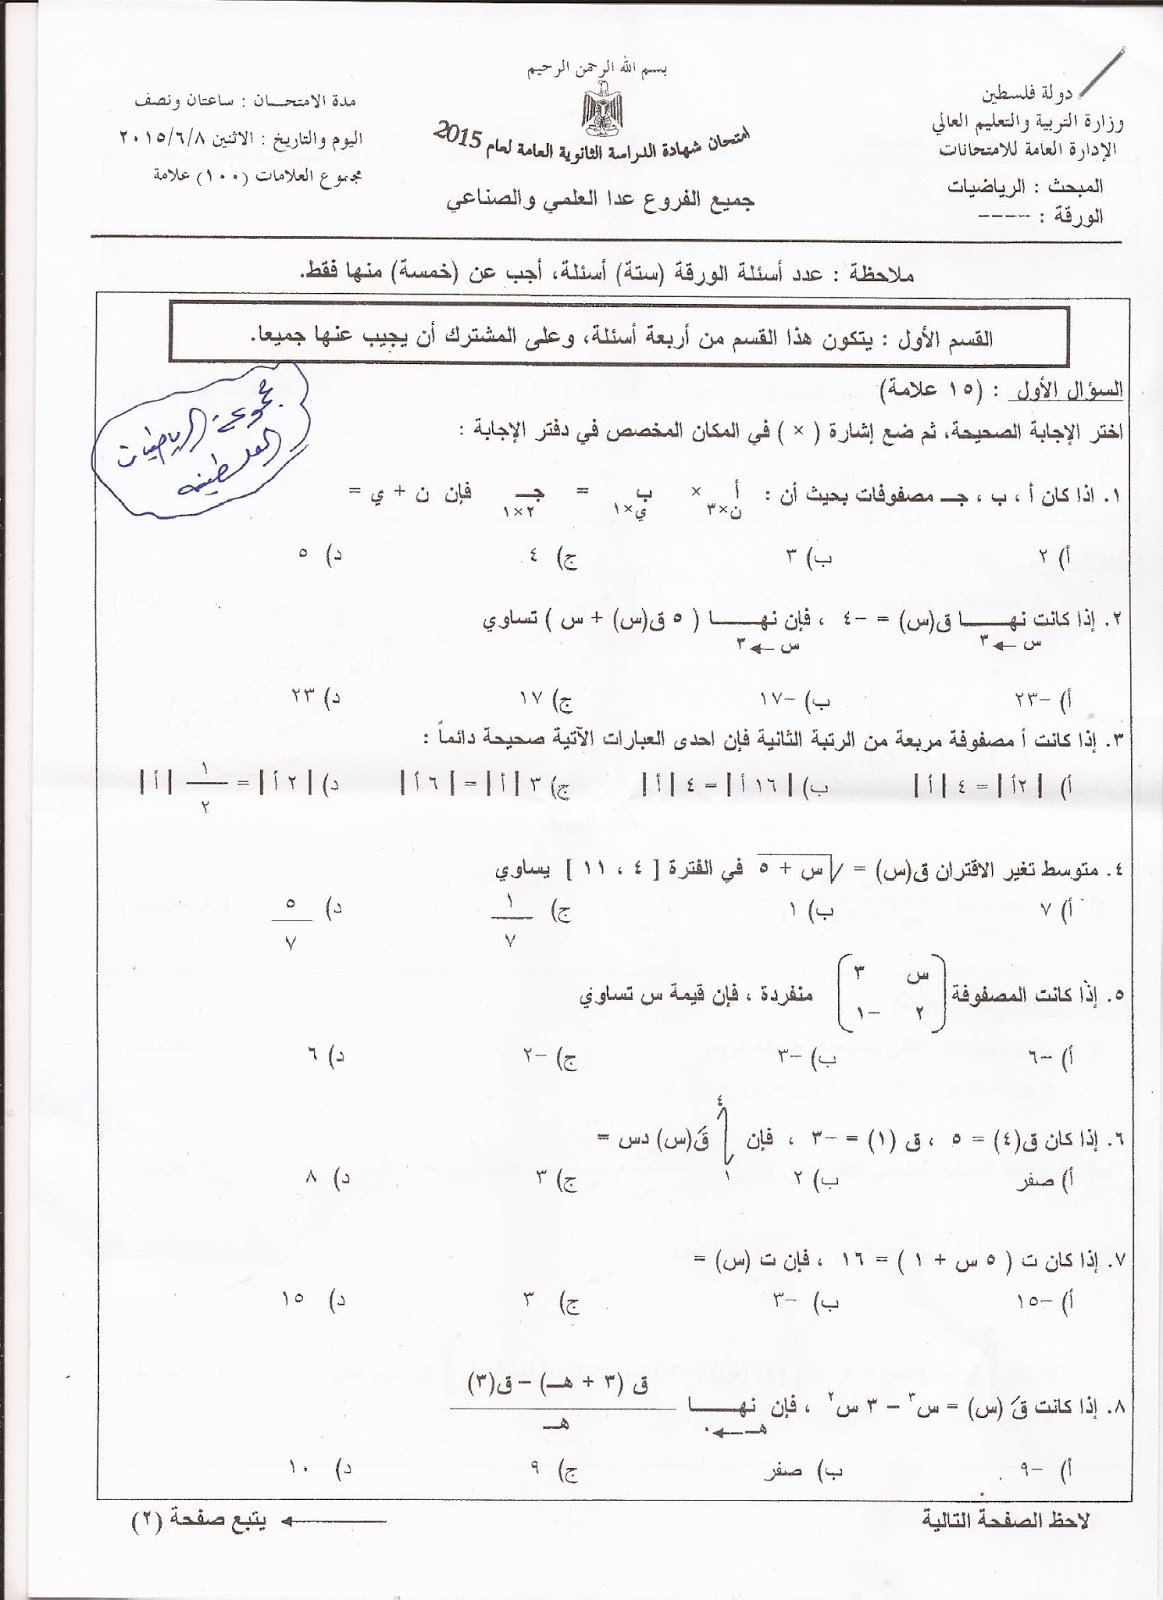 رياضيات توجيهي علمي pdf